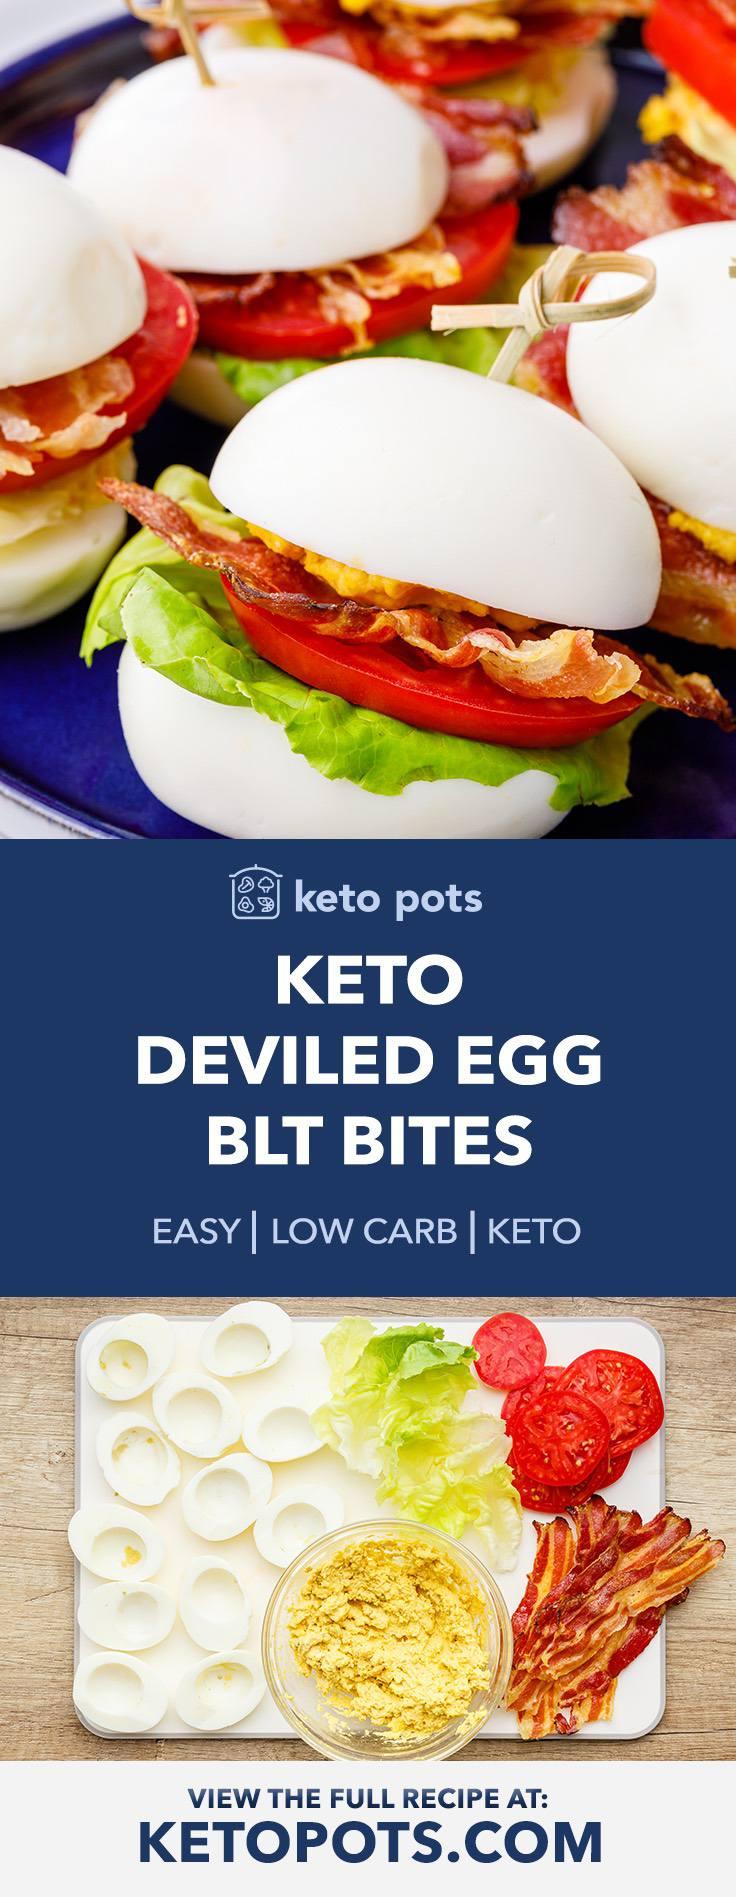 Keto Deviled Egg Blt Bites